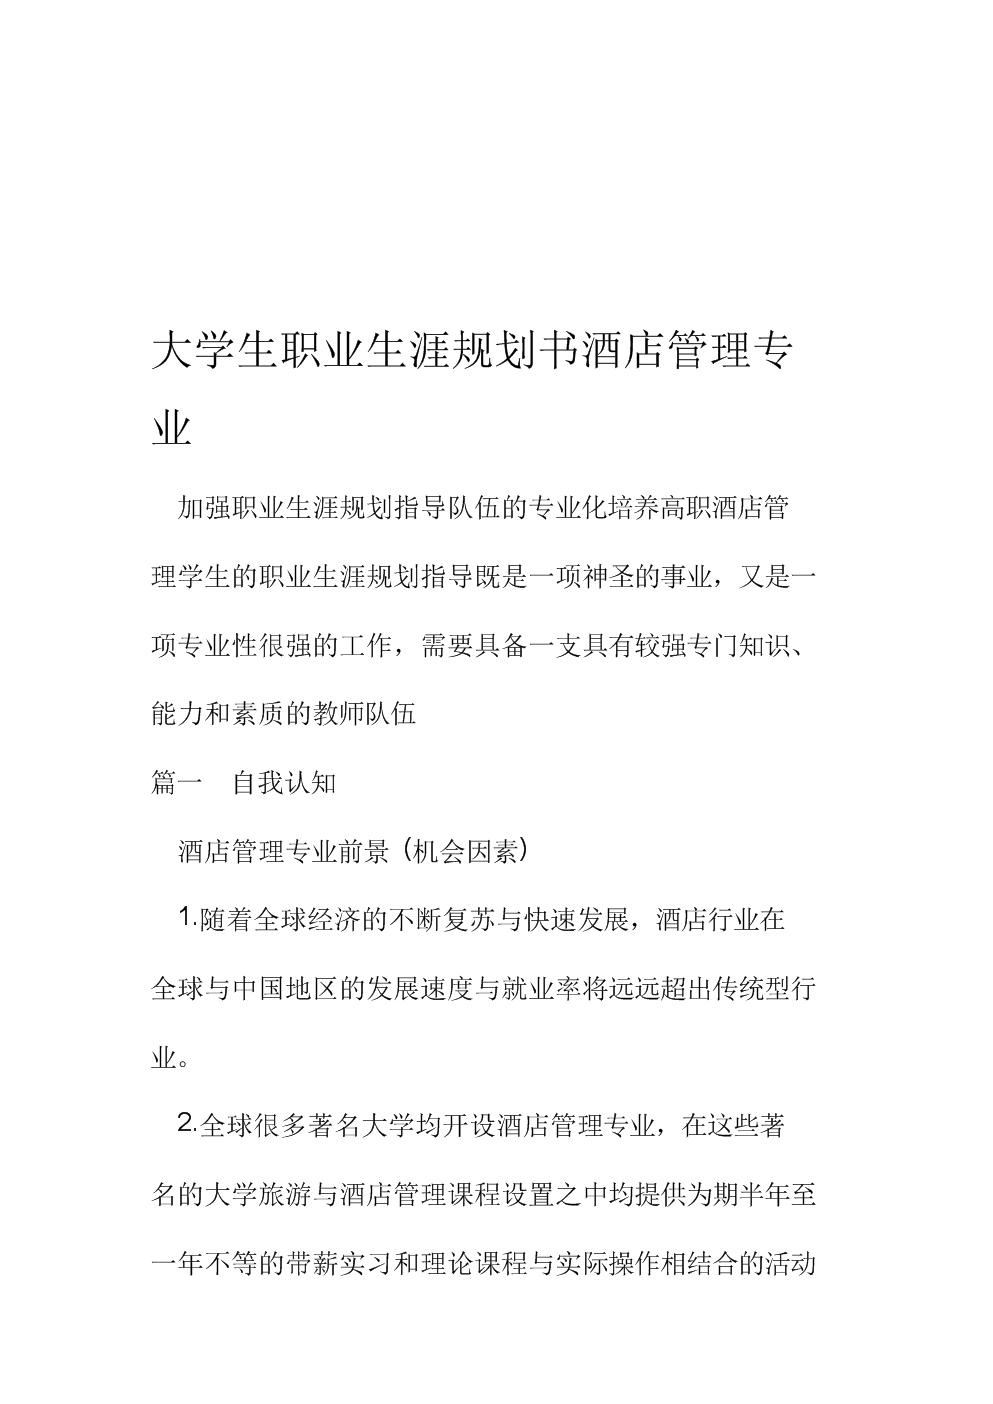 大学生职业生涯规划书 酒店管理专业 共8页.doc